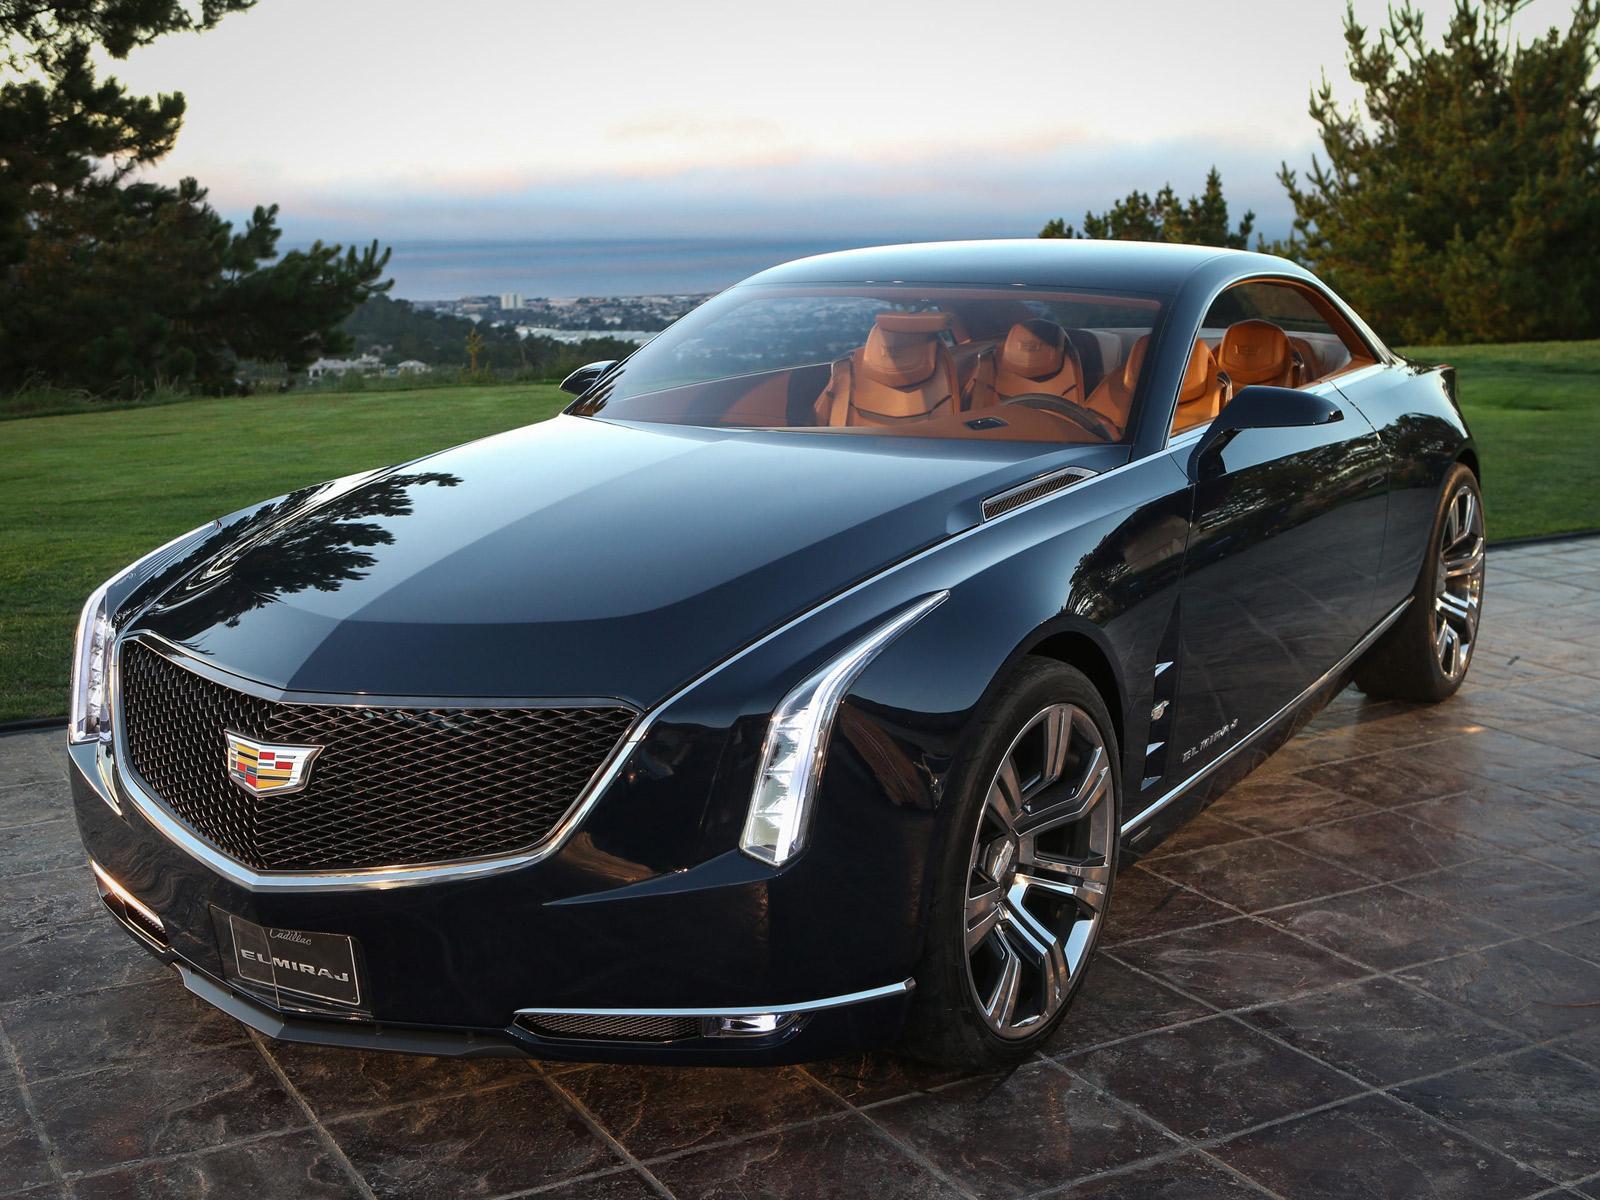 Cadillac Elmiraj Concept, el nuevo futuro de la marca - Autocosmos.com